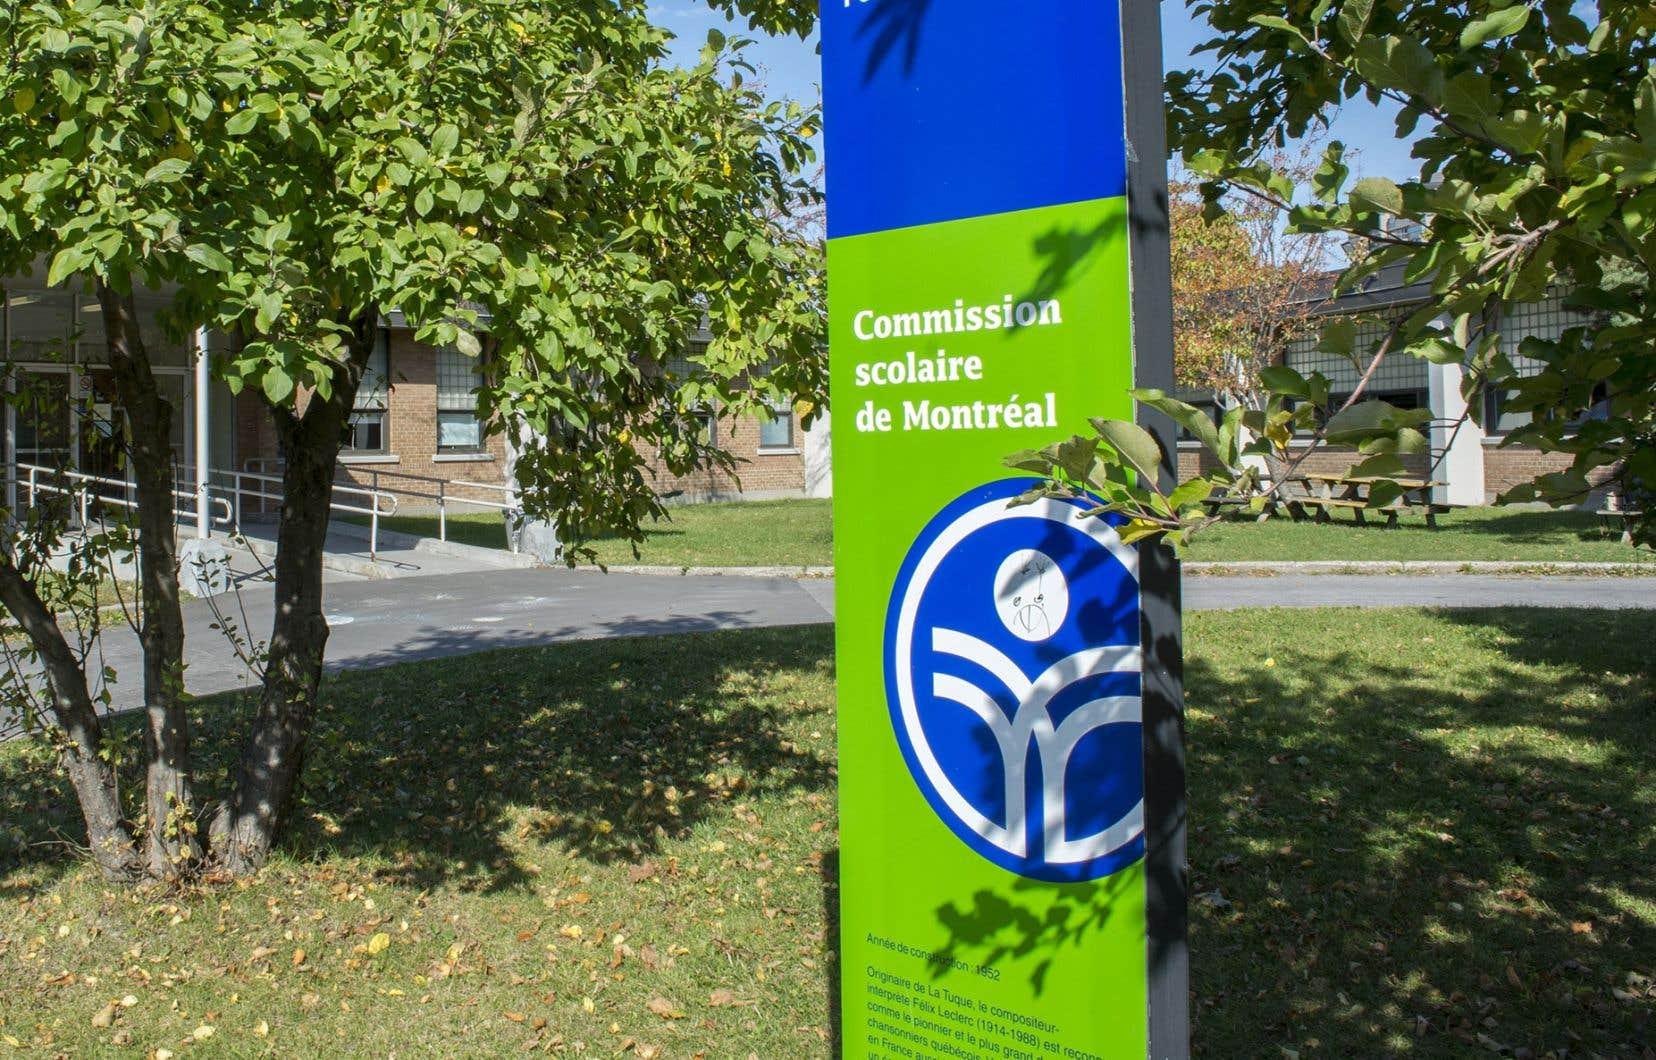 La loi adoptée sous le baîllon en fin de semaine dernière bafoue la diversité et l'harmonie qui règnent dans les écoles de Montréal, fait valoir la CSDM.